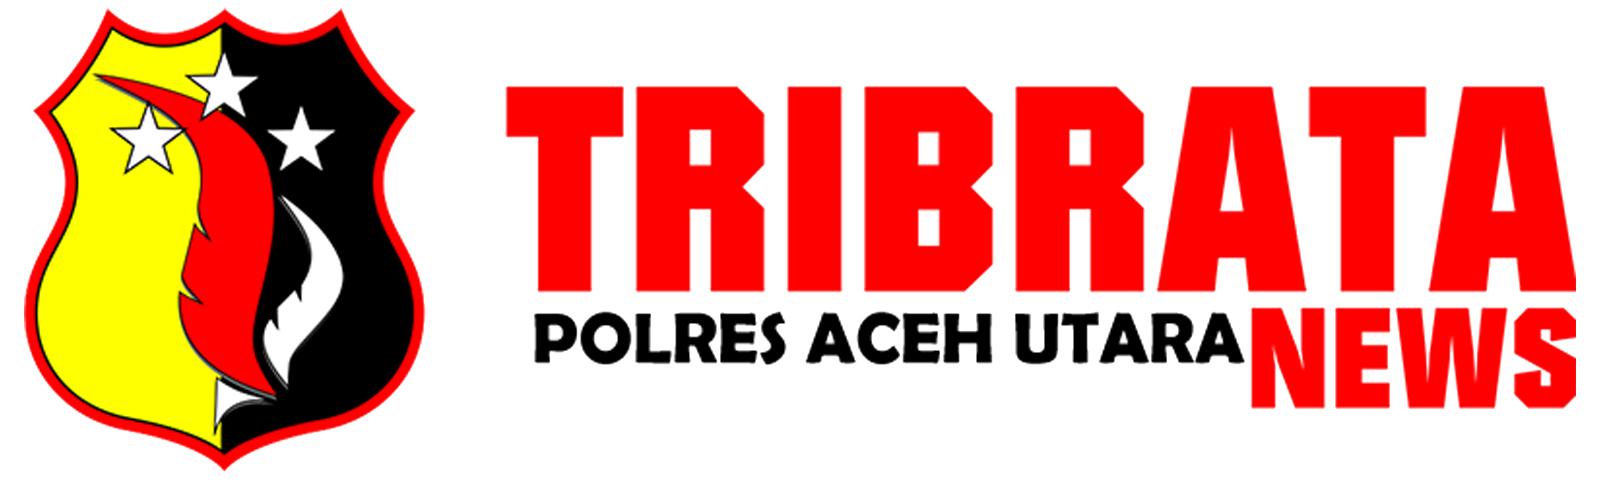 Tribratanews Polres Aceh Utara